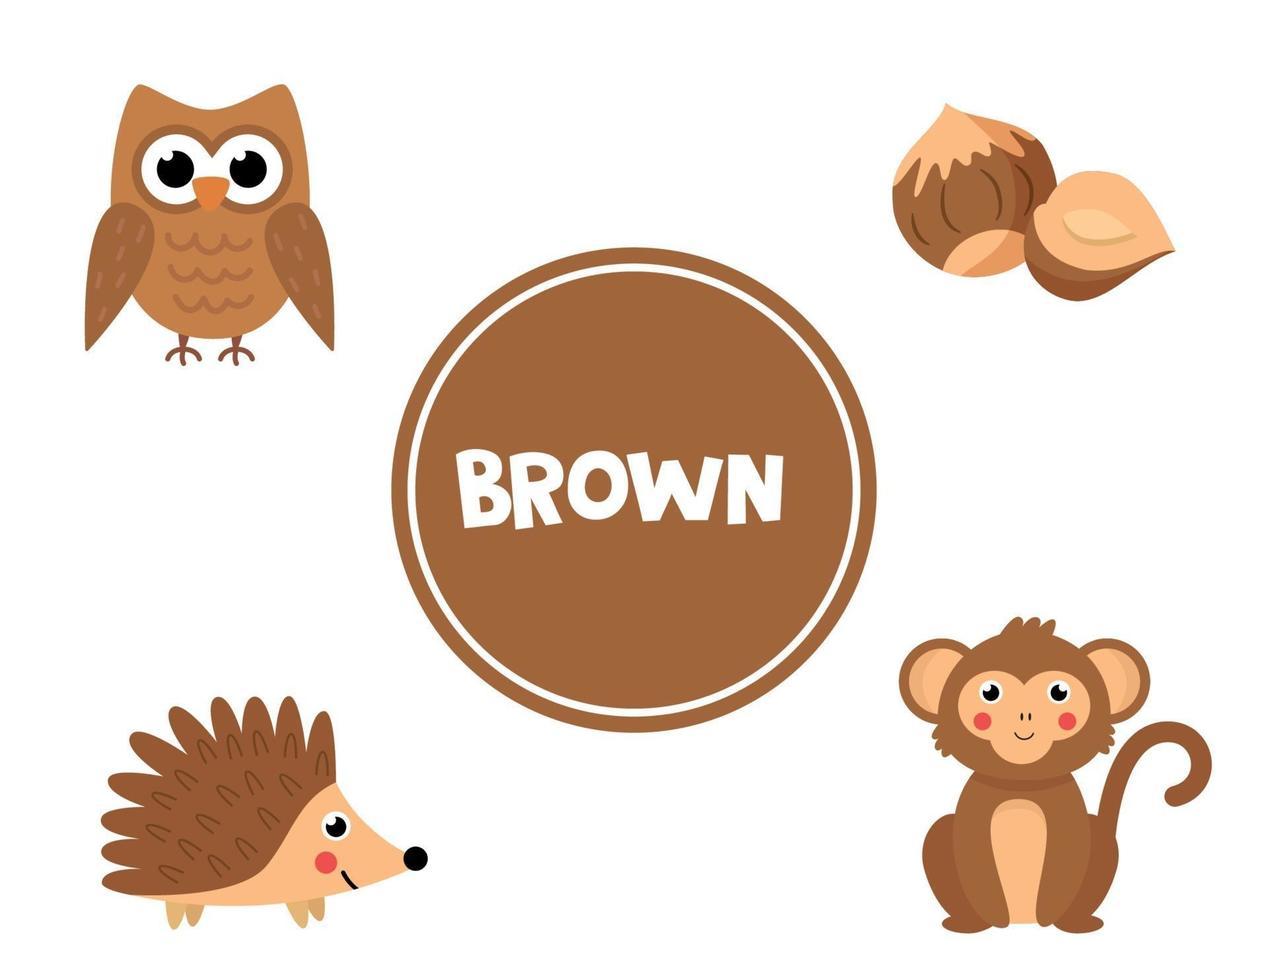 bruine kleur leren voor kleuters. educatief werkblad. vector